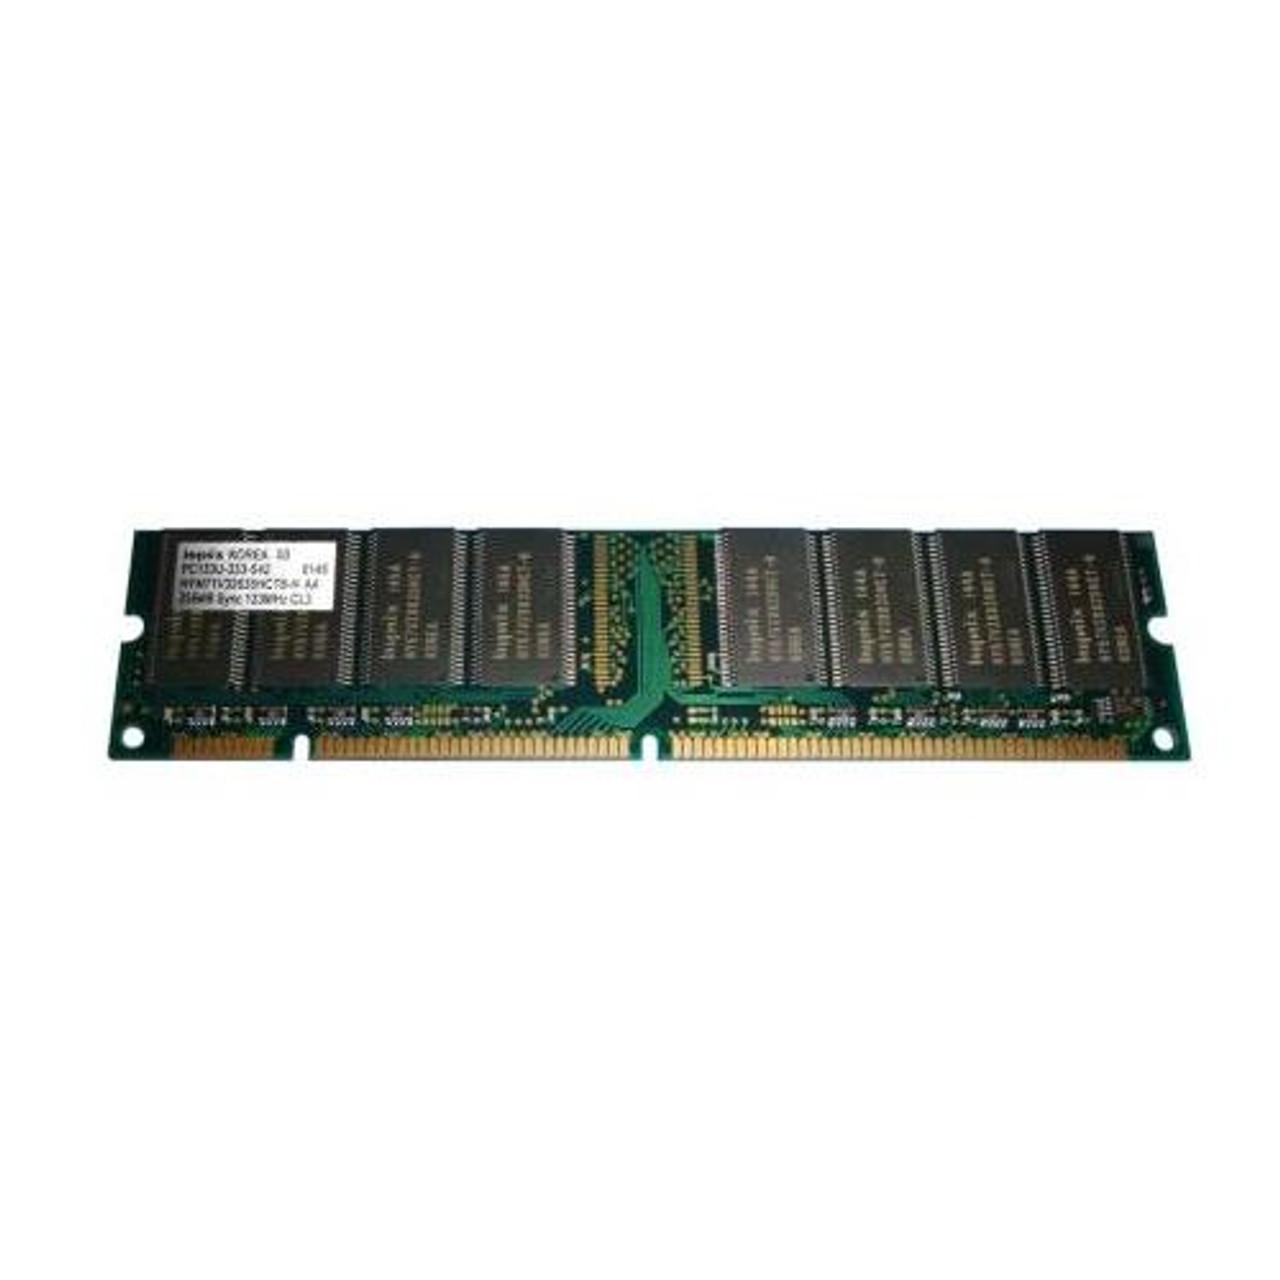 Hym71v32635hct8-H Hynix 256Mb Sdram 133Mhz Pc-133 168-Pin Cl-3 Non-Ec